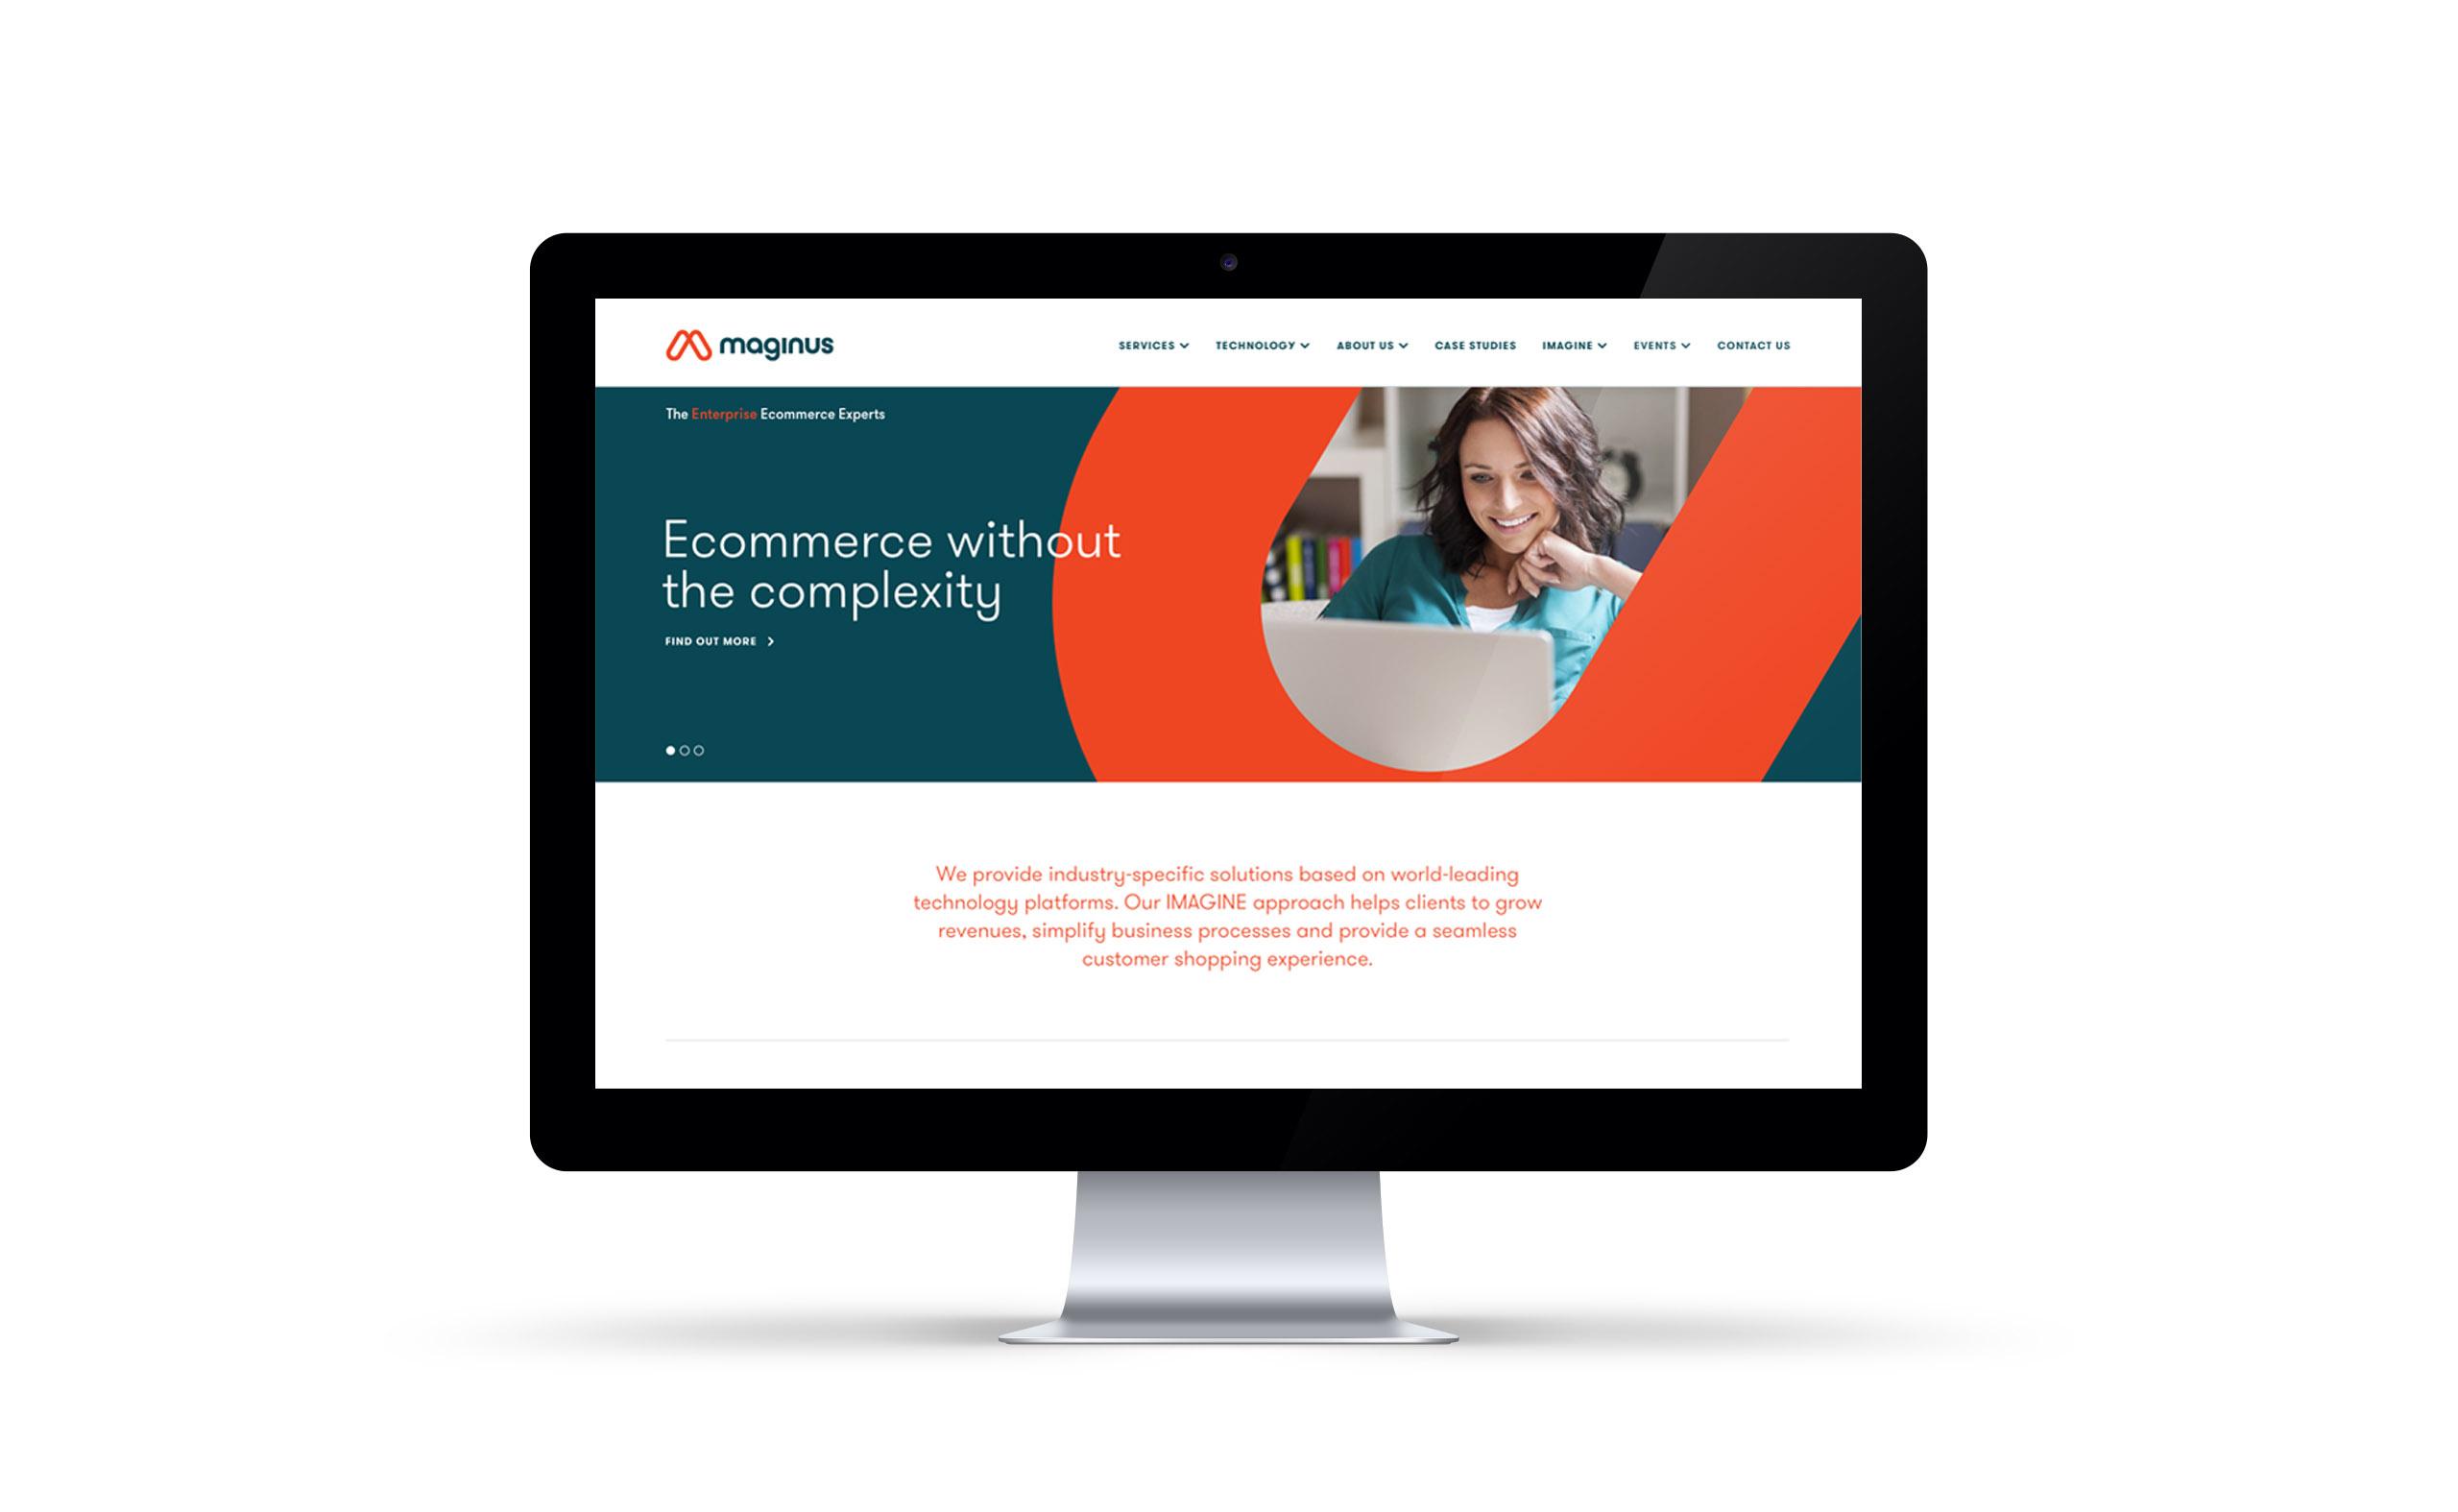 maginus-website-homepage